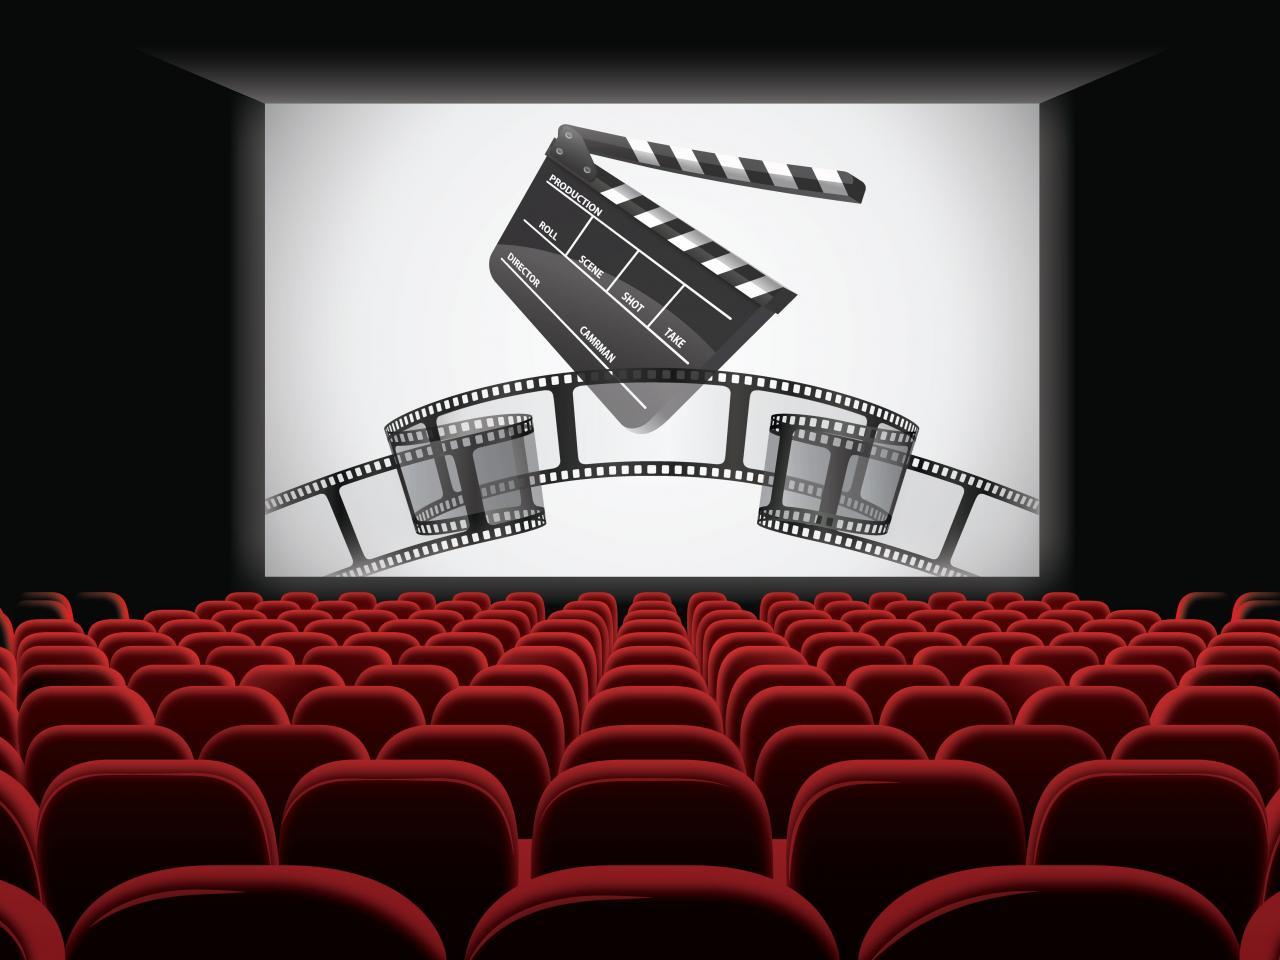 «قانون مورفی» همچنان رکوردار گیشه است/ رقابت دو فیلم عاشقانه و طنز در جدول فروش هفتگی